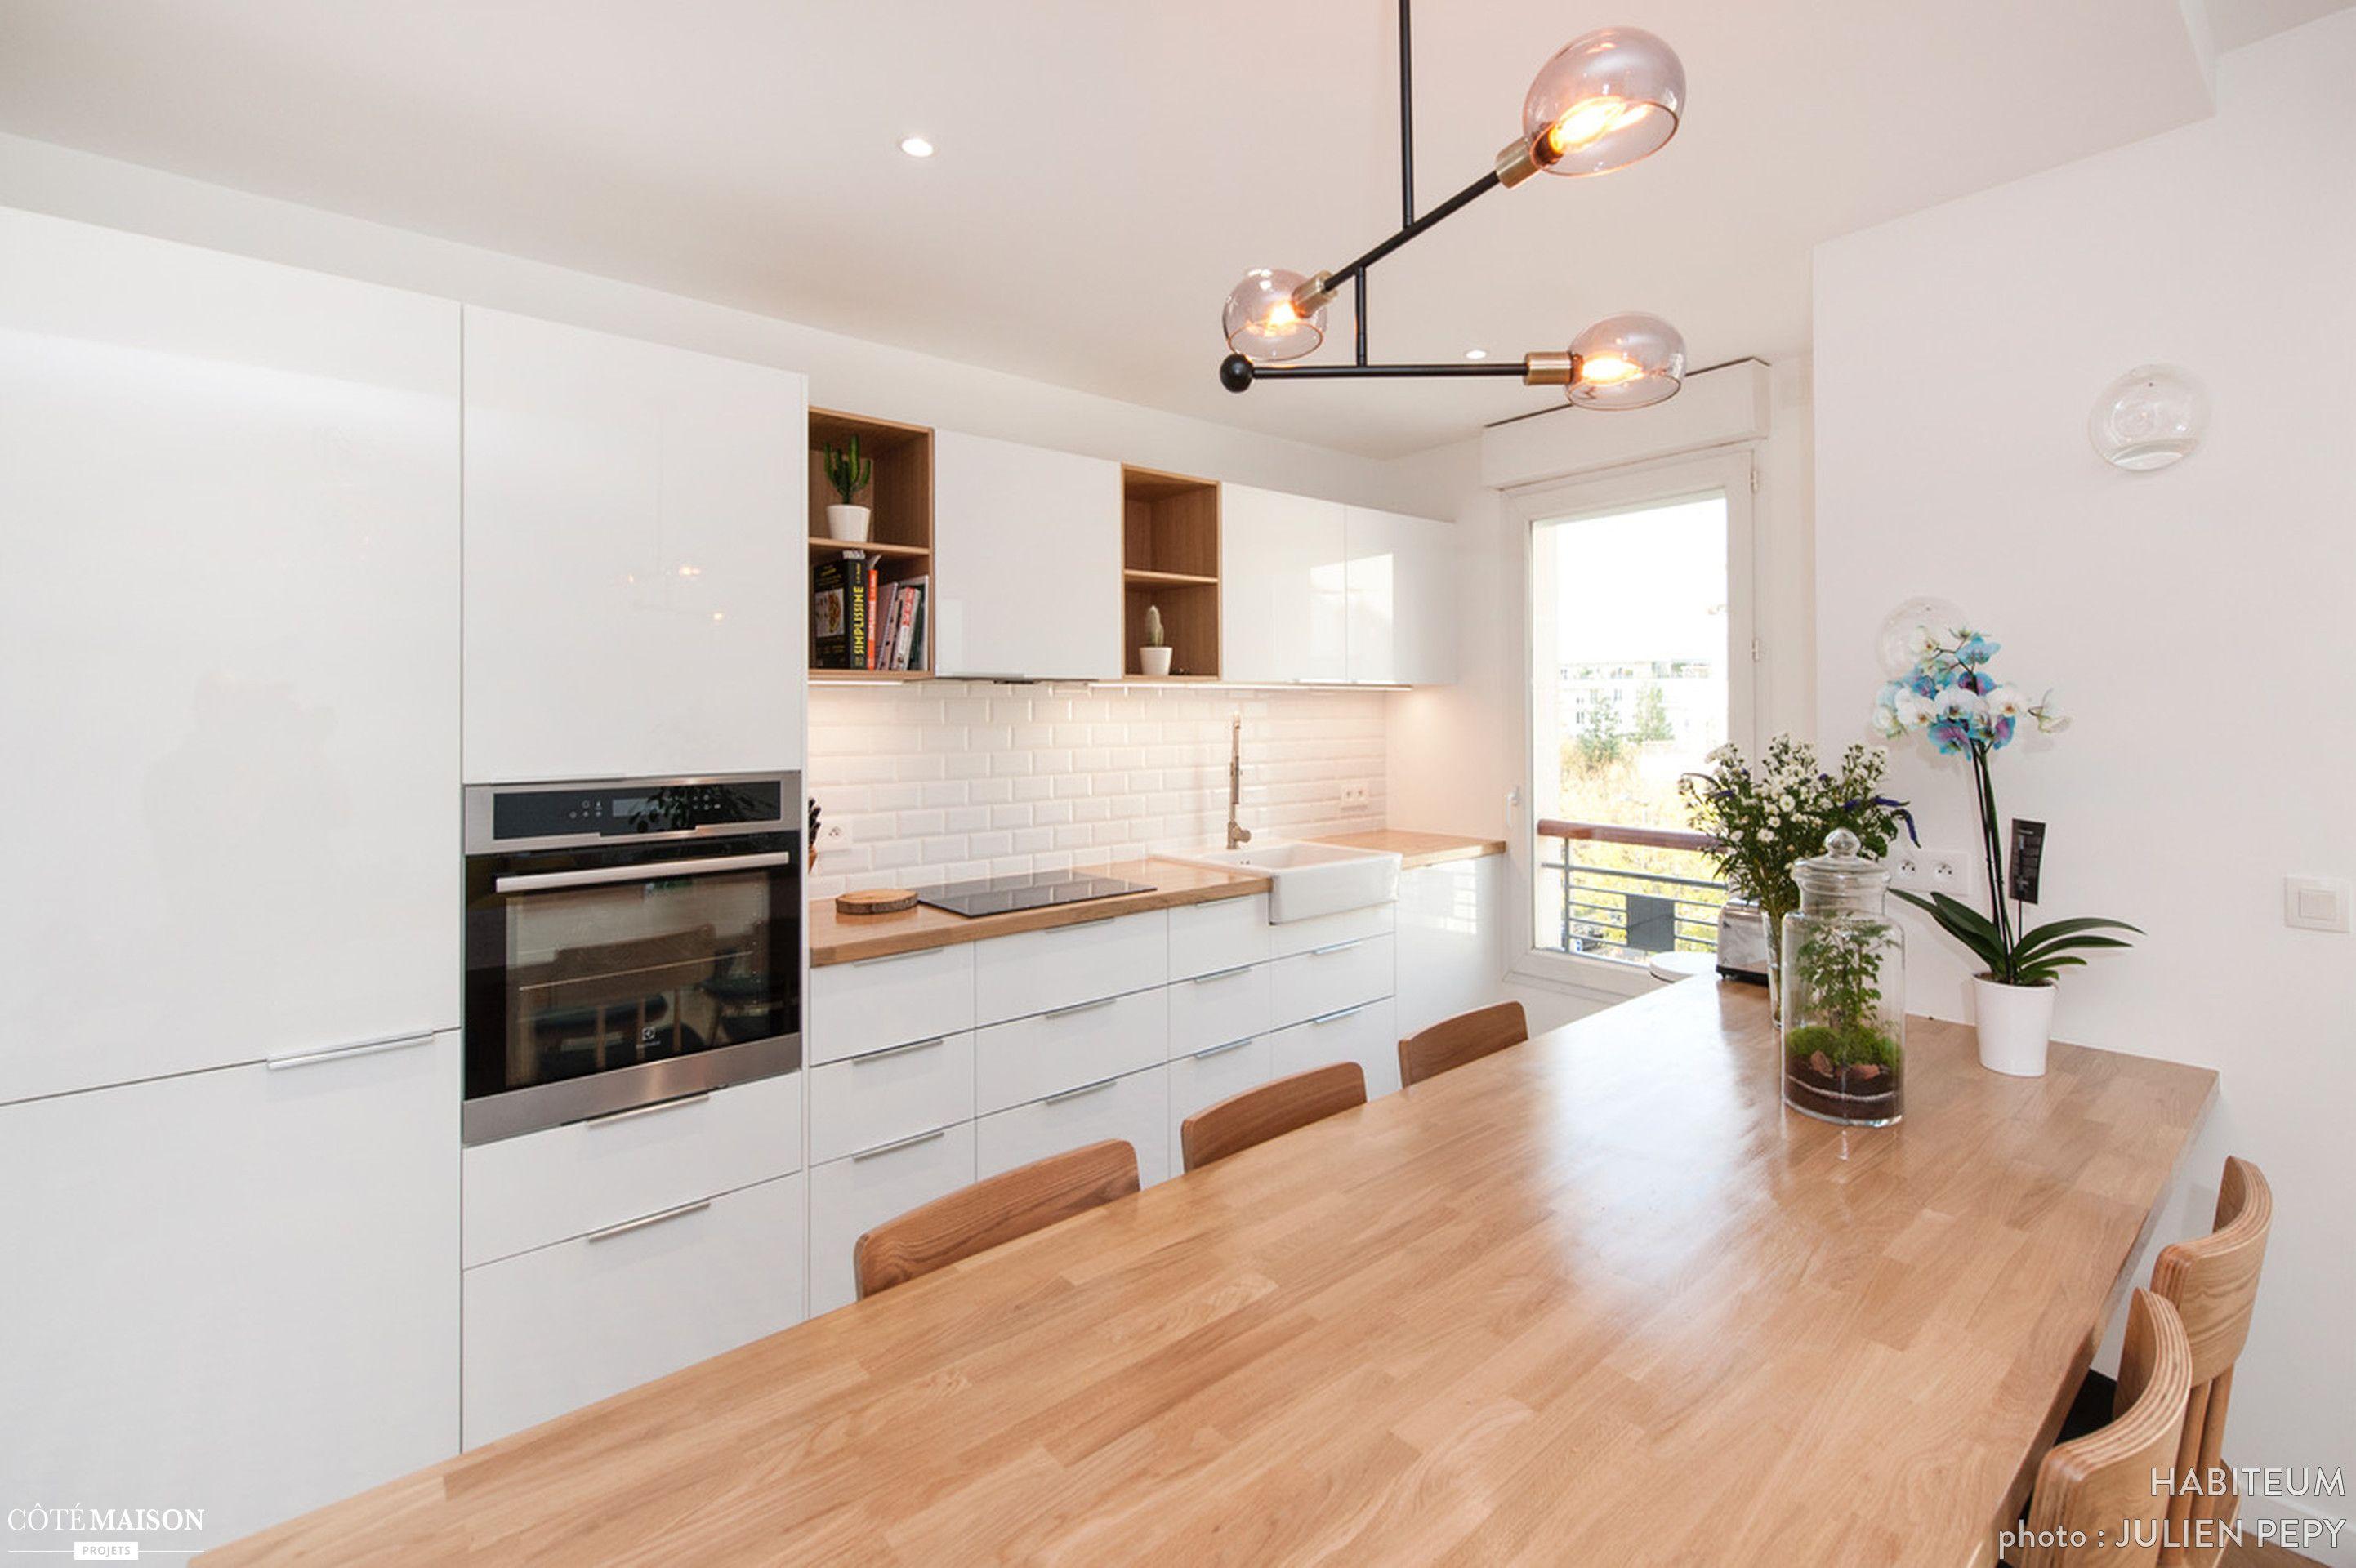 Appartement rénové à Bois-Colombes | Cuisines maison, Idée déco appartement, Idée déco cuisine